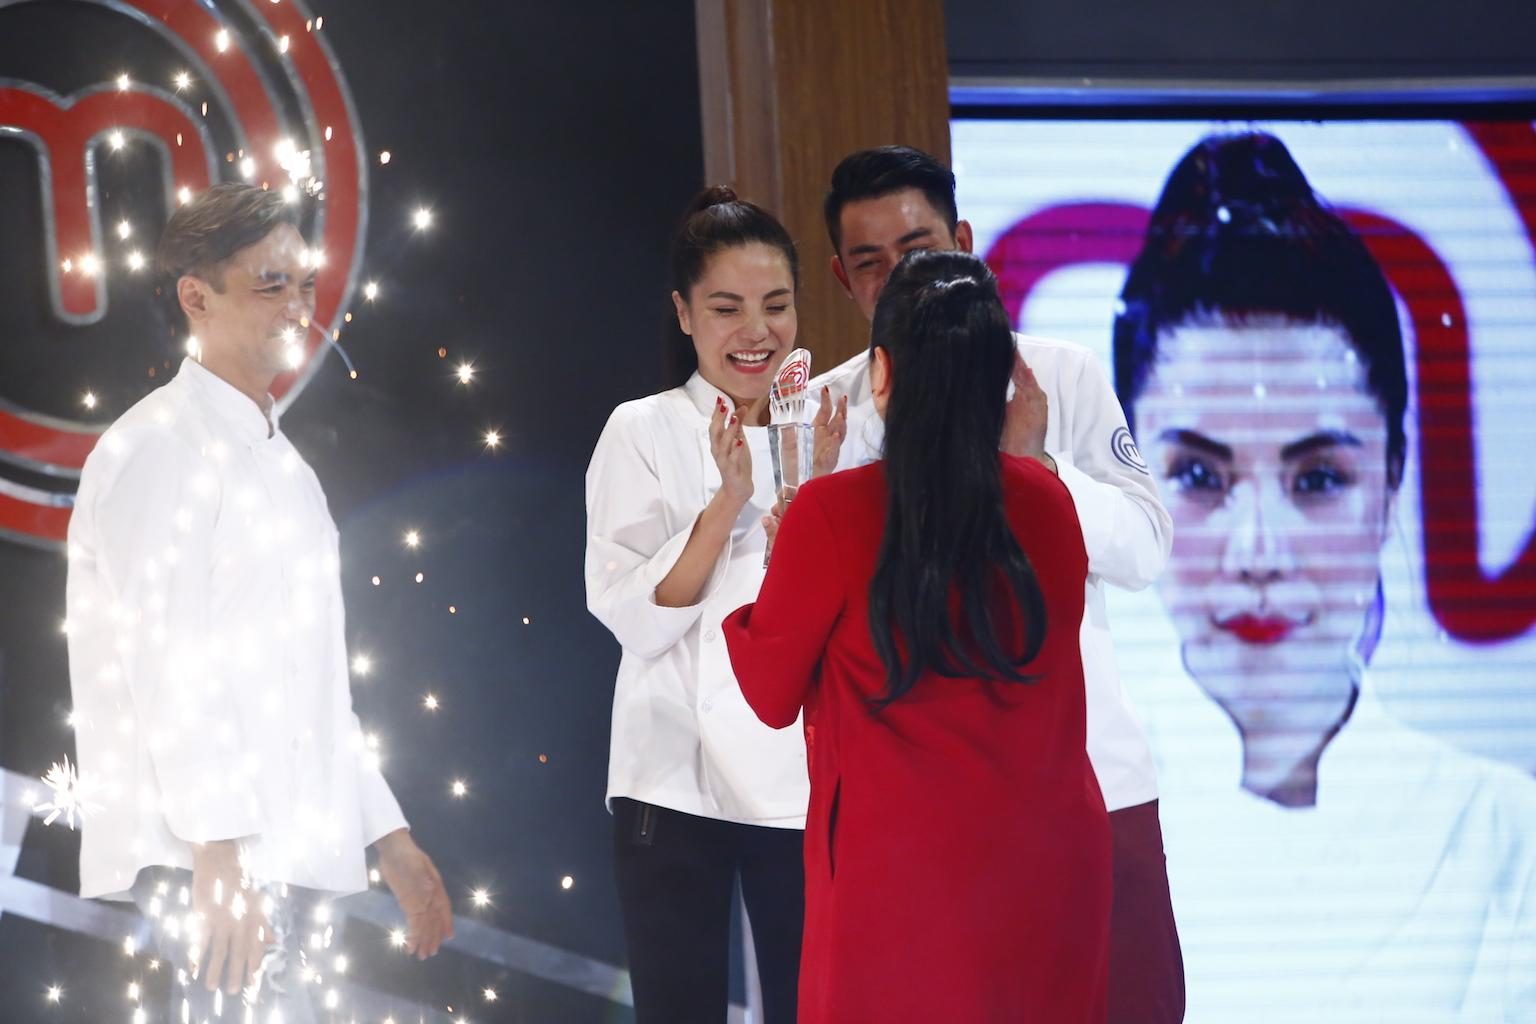 Vượt mặt đồng nghiệp, Kiwi Mai Trang xuất sắc ẵm Quán quân Vua đầu bếp 2017-11